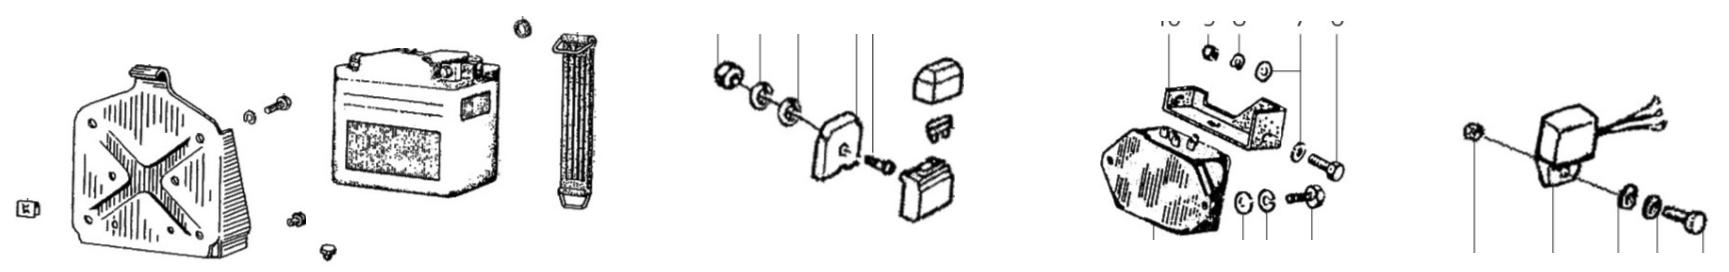 Batteria e regolatore di tensione